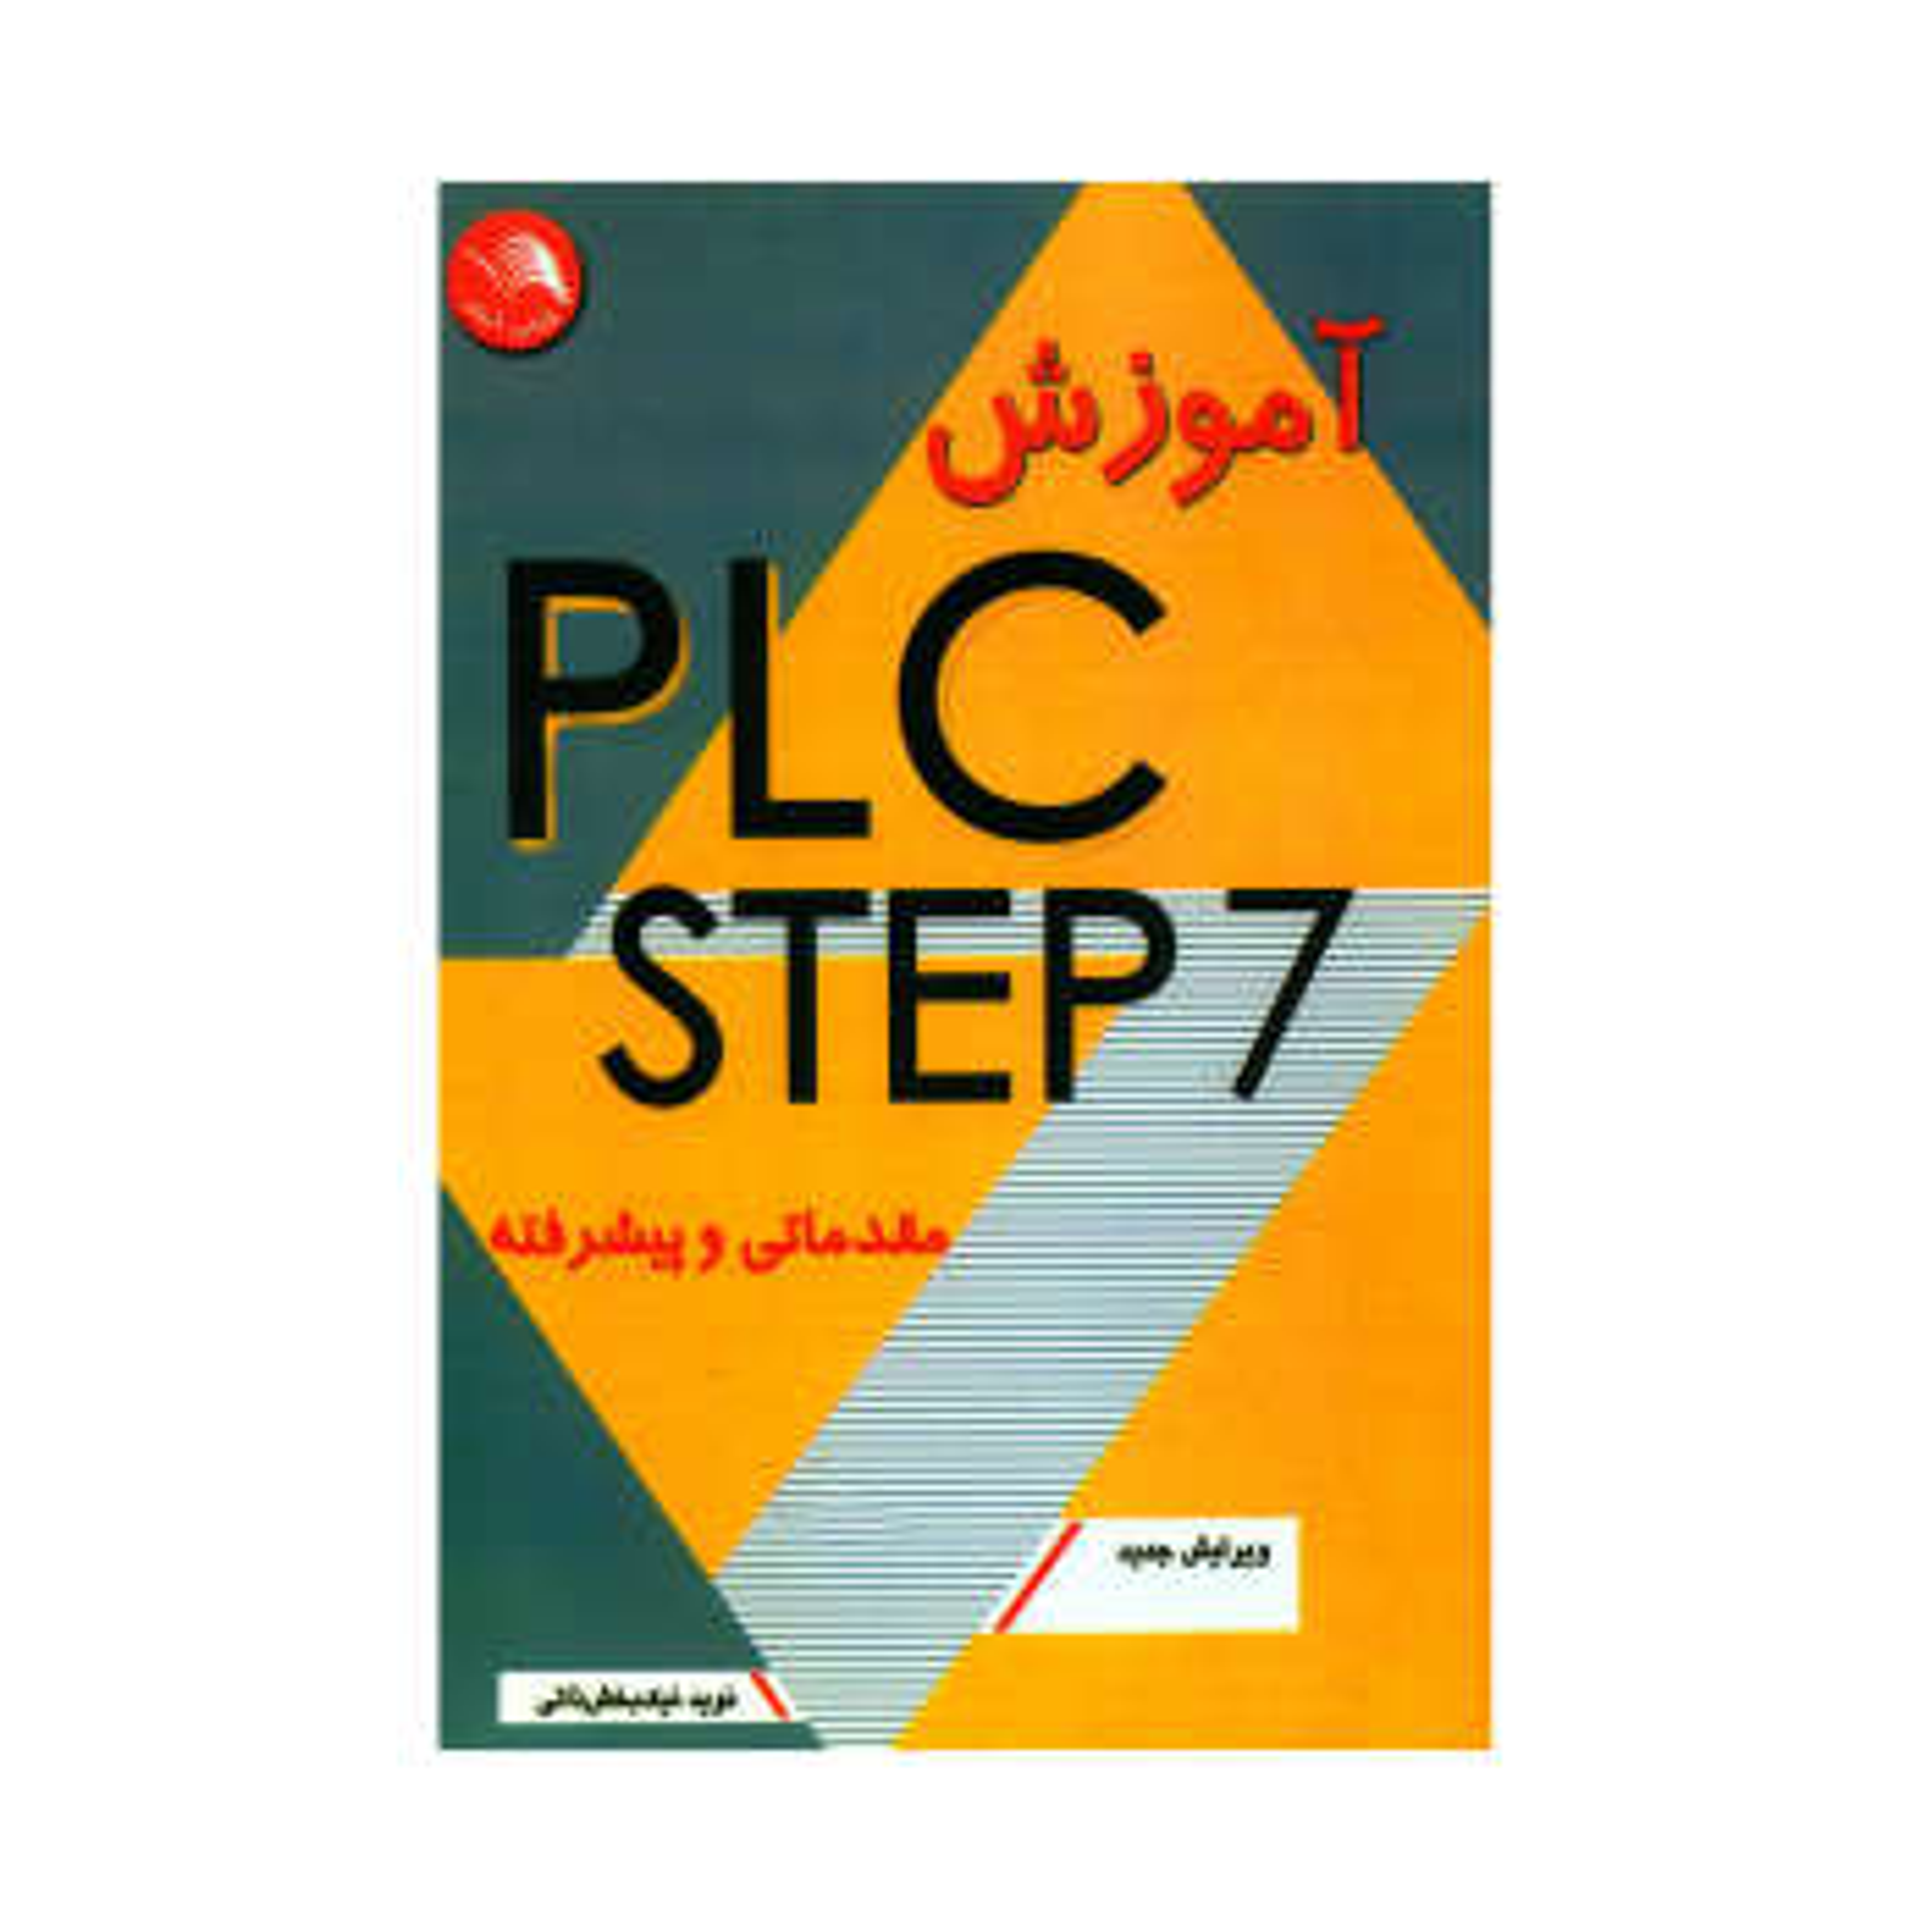 کتاب آموزش PLC STEP 7 مقدماتی و پیشرفته اثر نوید نیک بخش ذاتی انتشارات کتاب آیلار